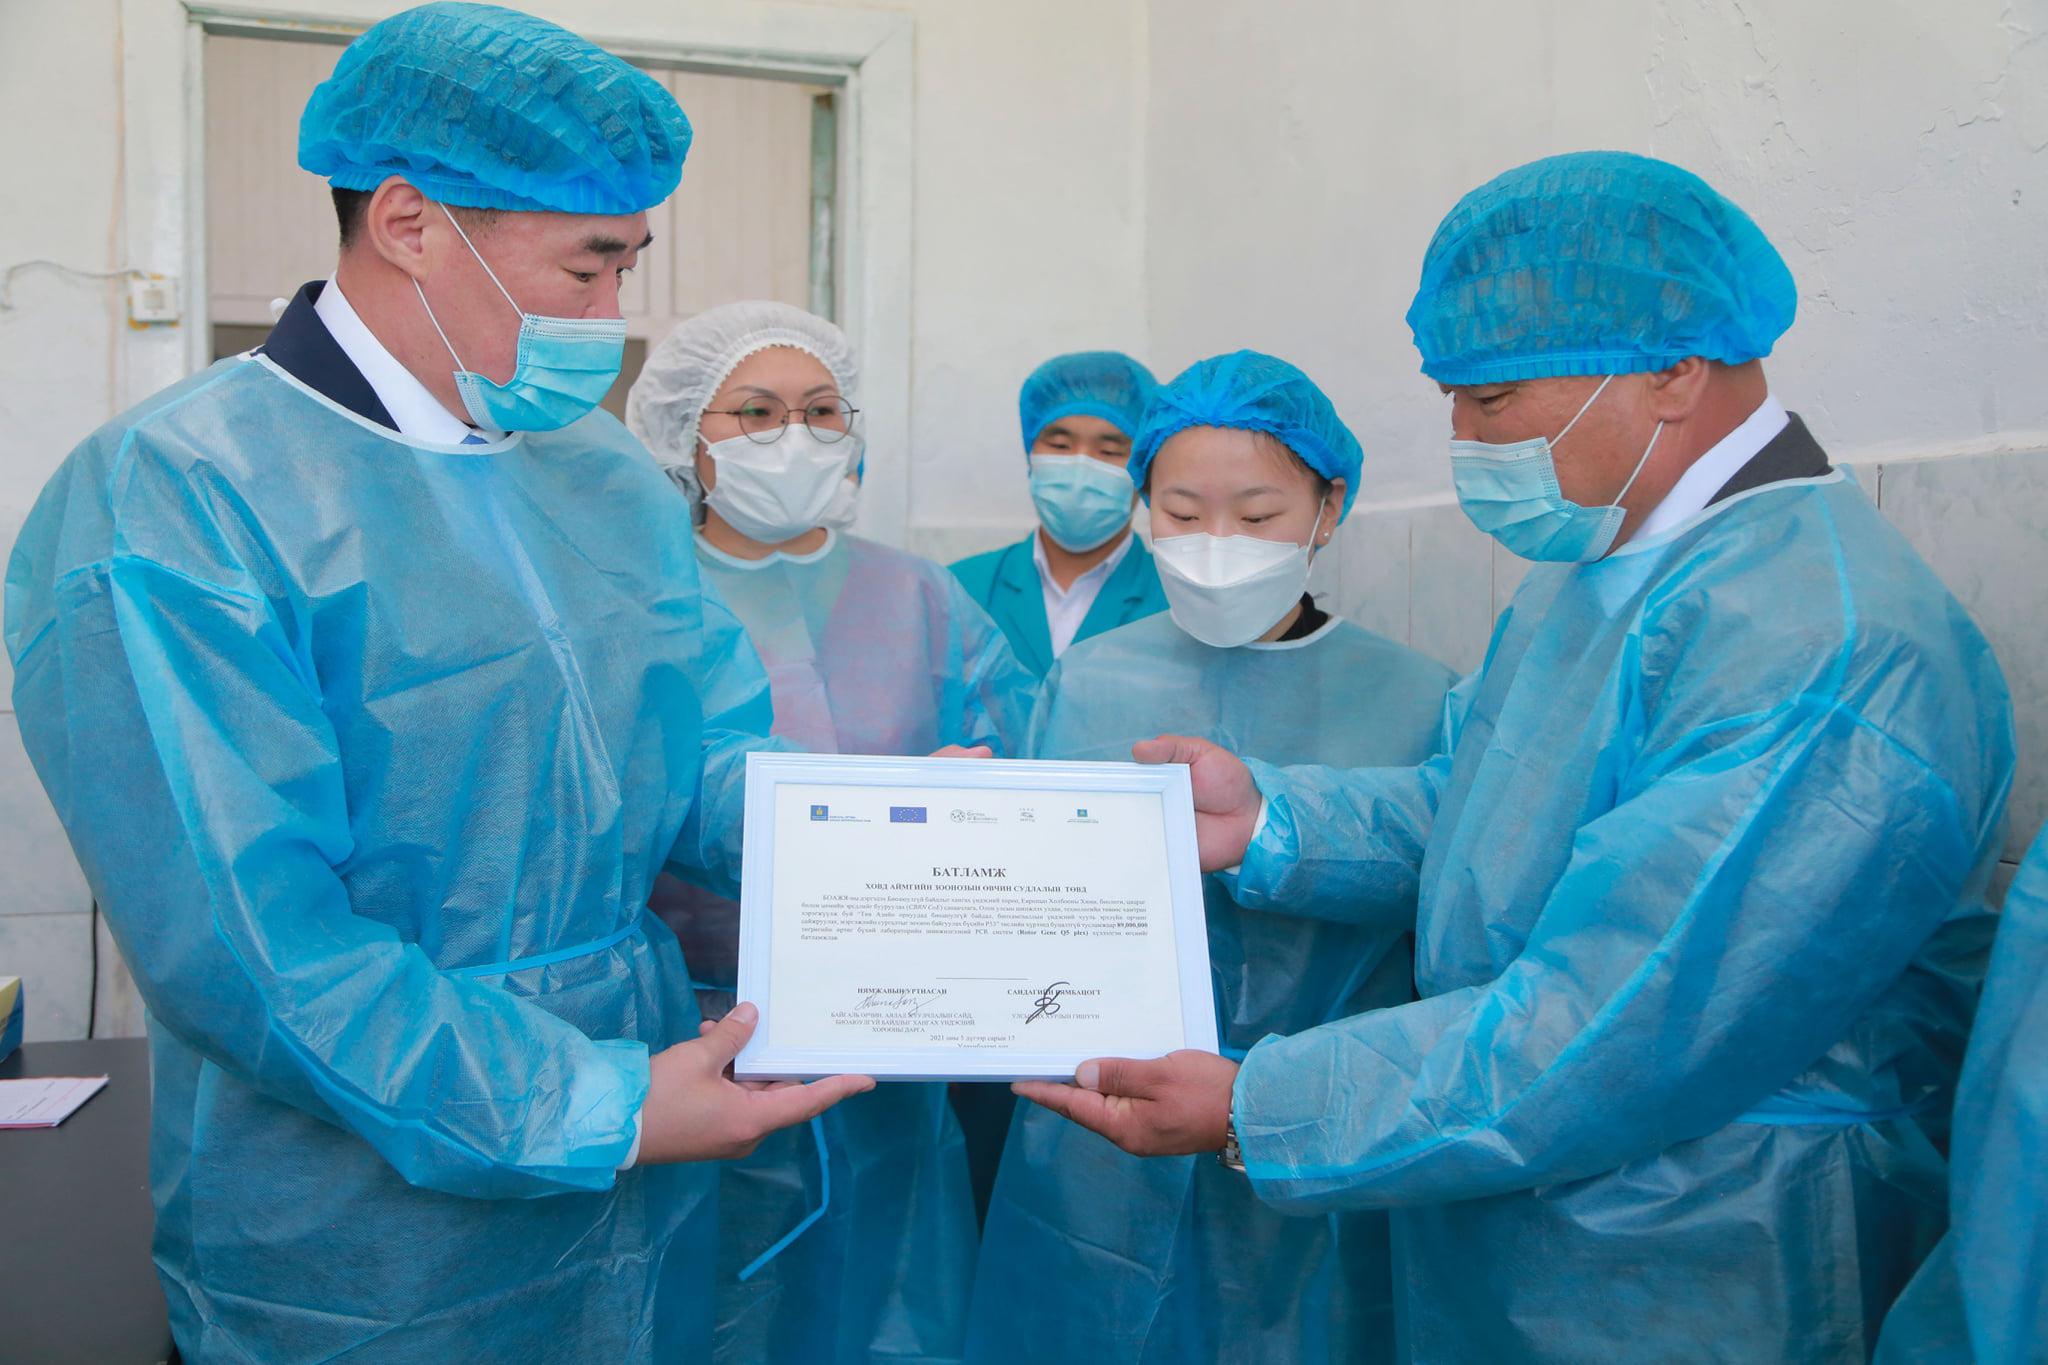 Ховд аймгийн Зоонозын өвчин судлалын төв, Коронавирусыг илрүүлэх PCR төхөөрөмжтэй боллоо